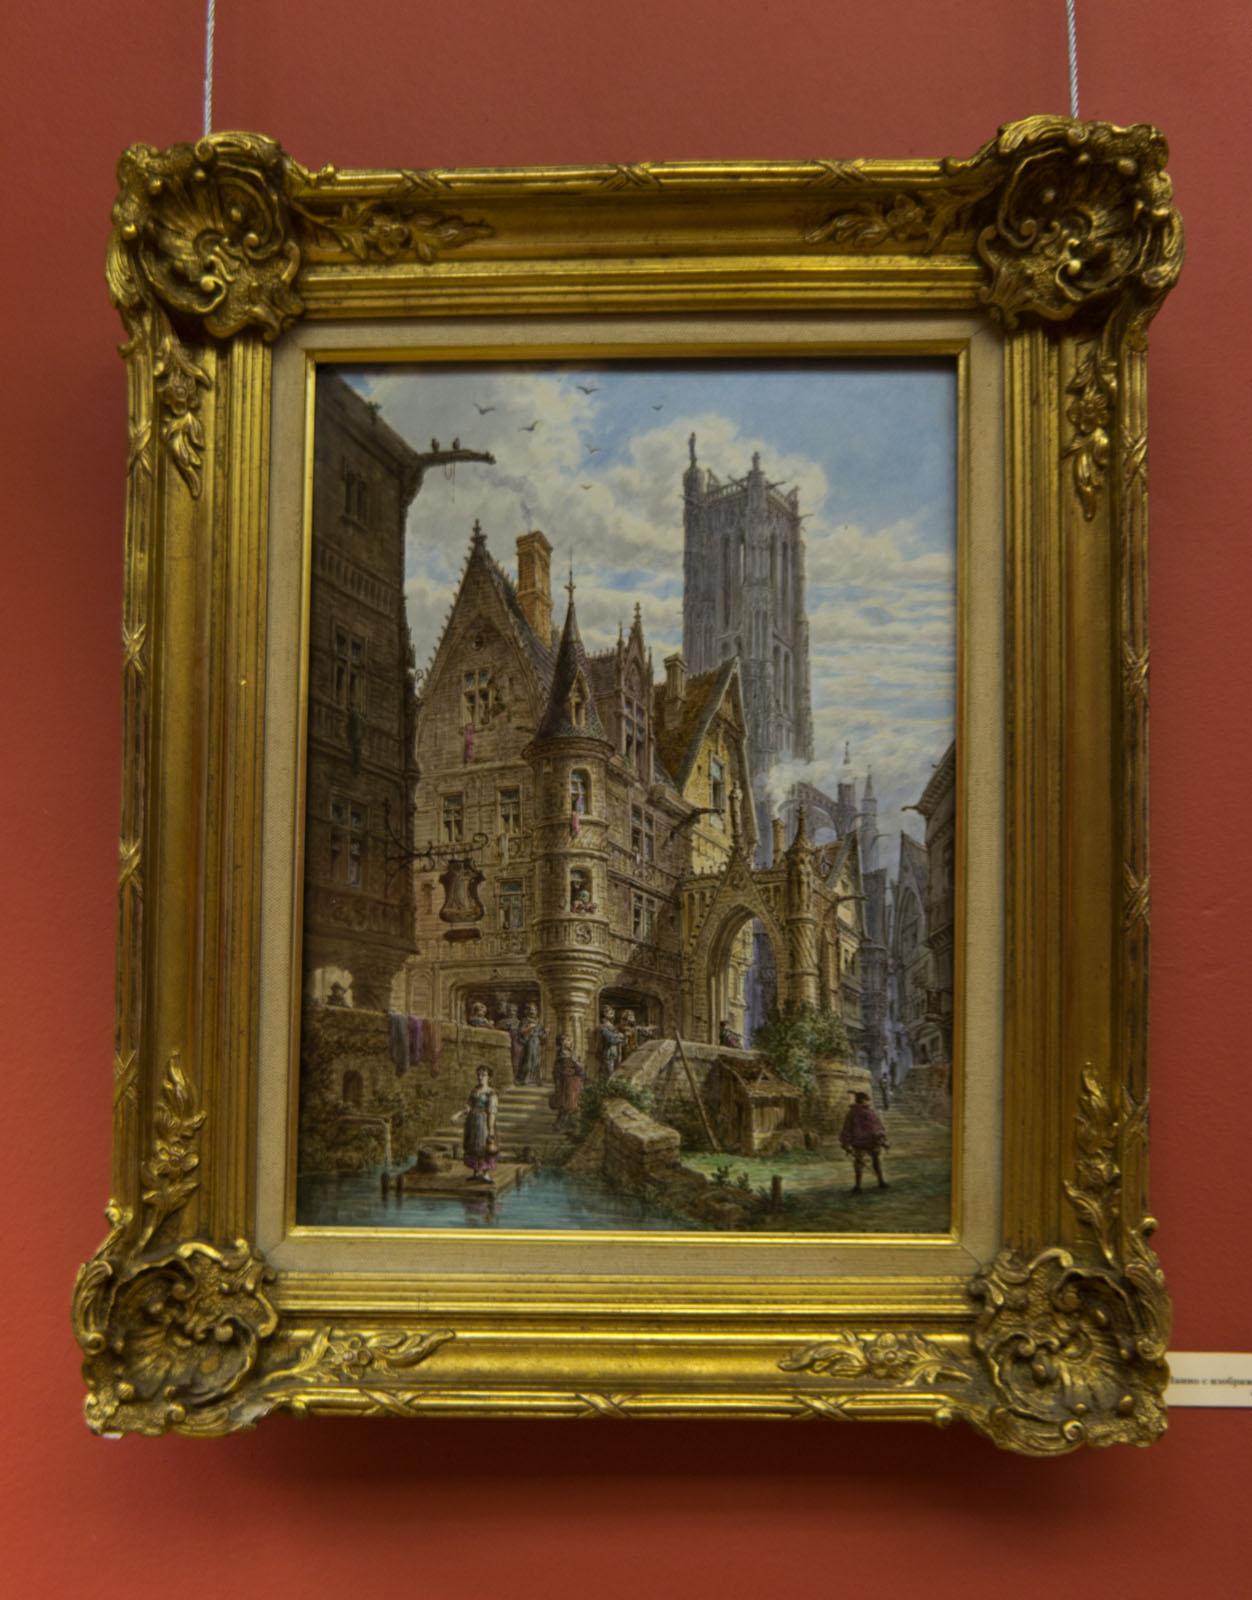 Фото №72636. Панно с изображением башни Сен-Жак в Париже. 1880